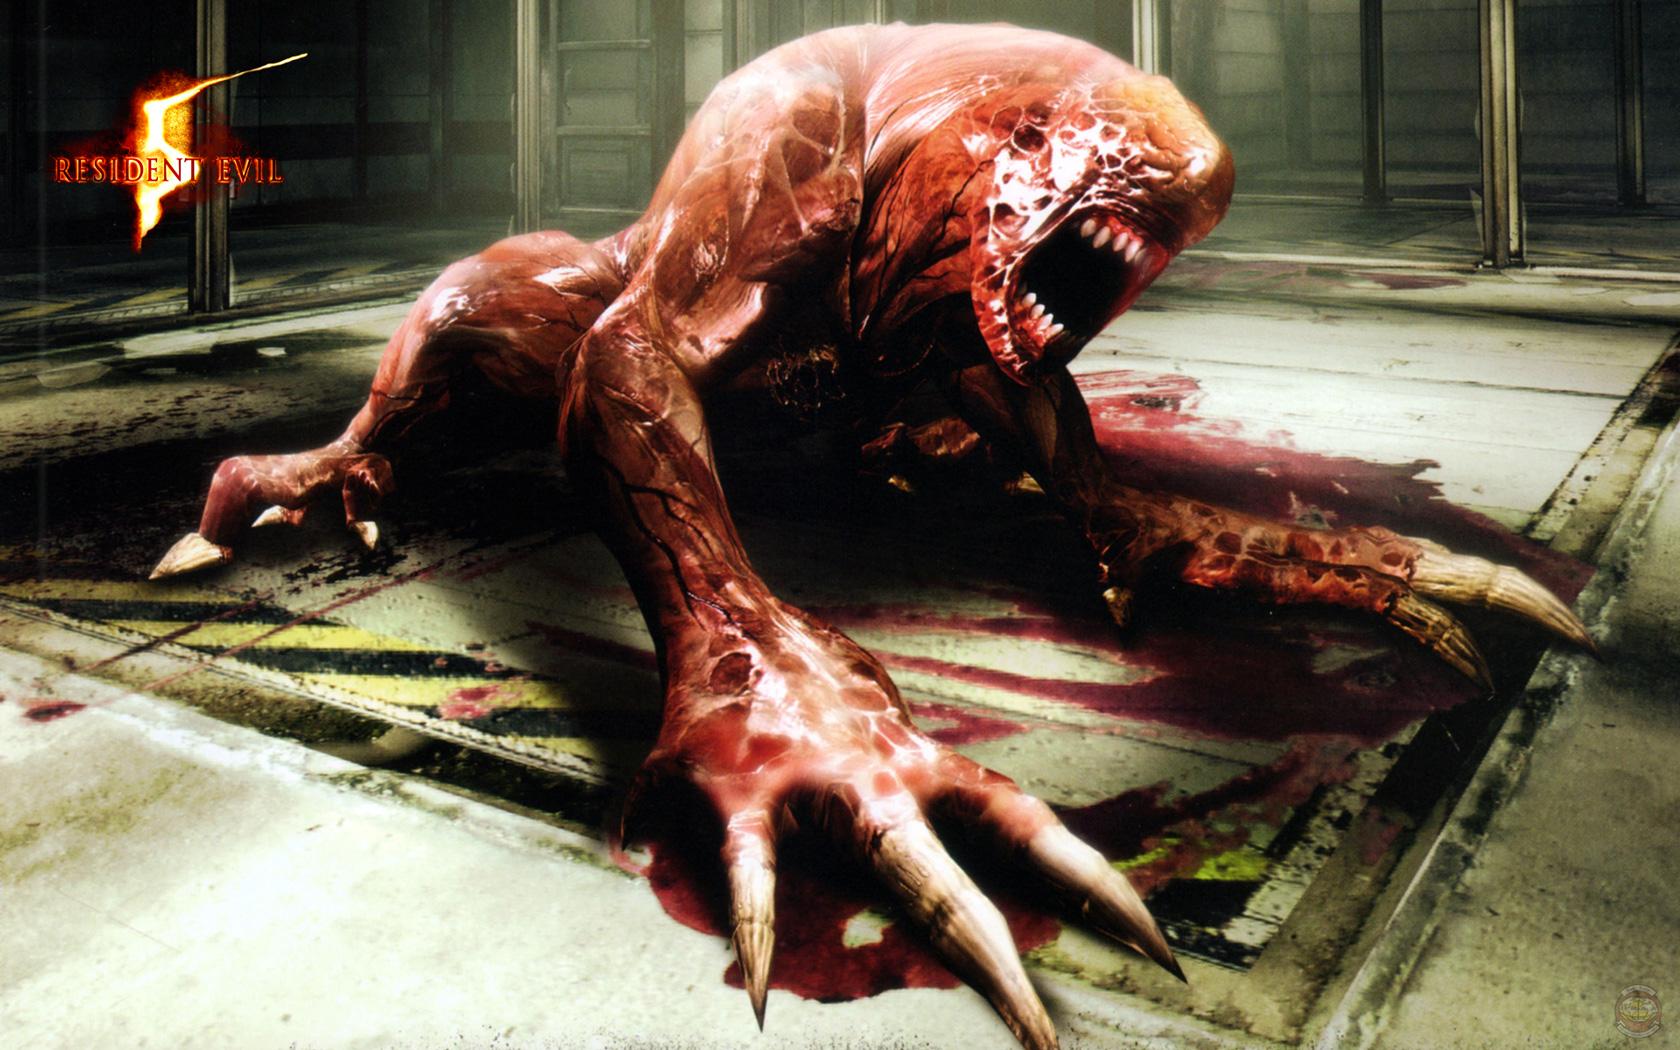 Resident Evil 5 Wallpaper in 1680x1050